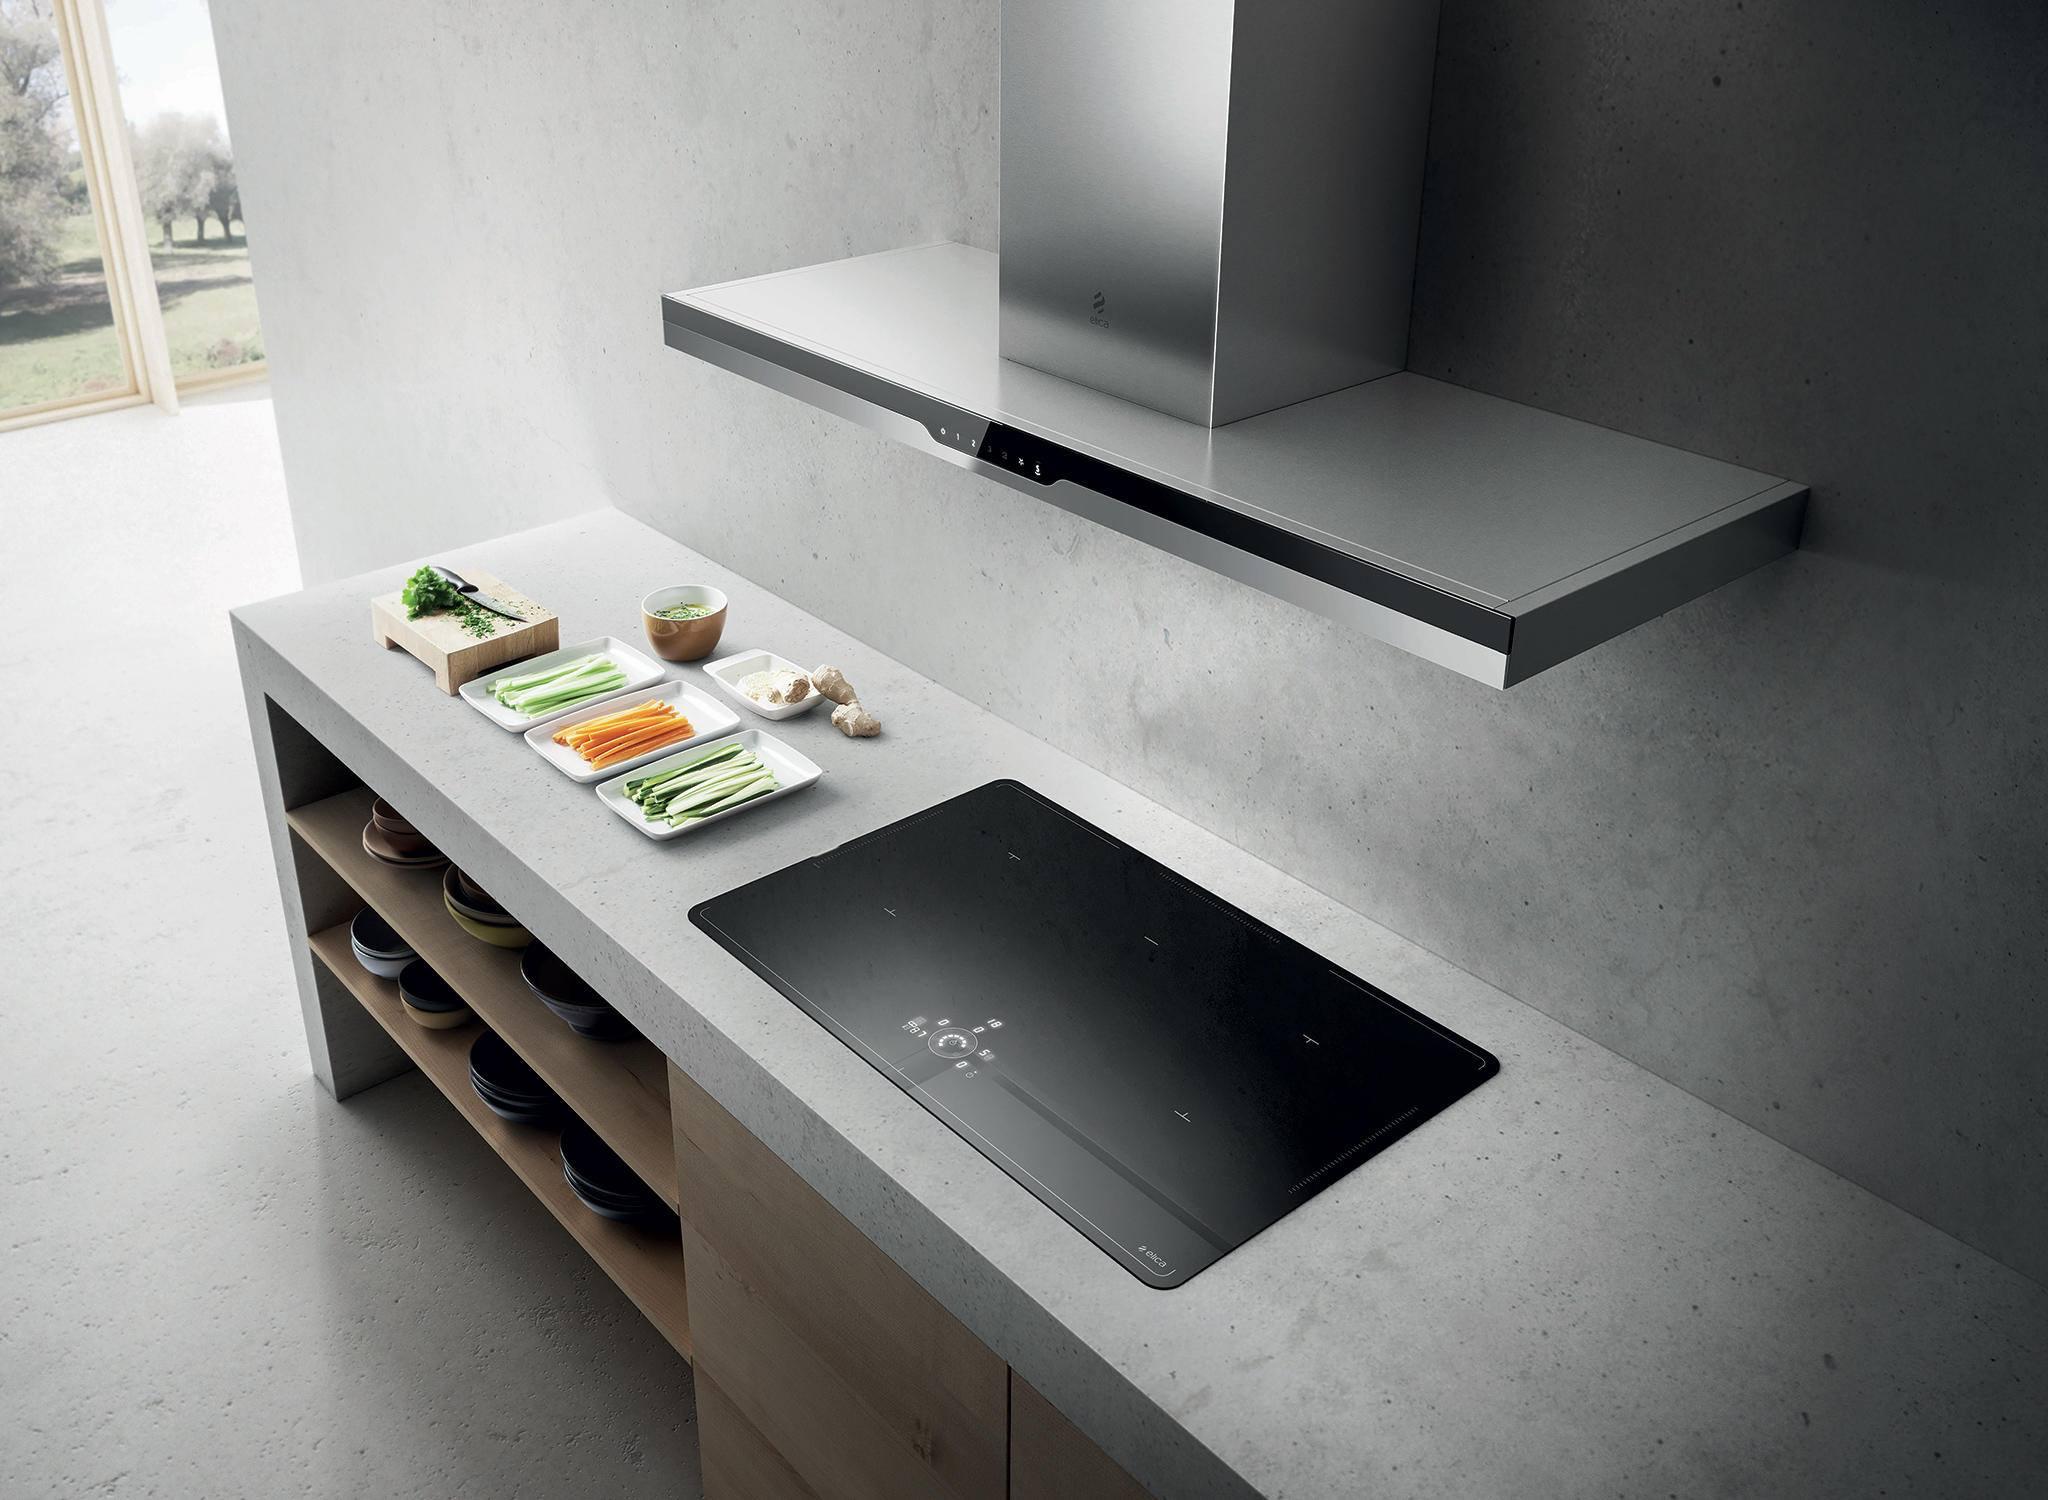 elica-campanas-ambientes-de-diseno-cocinas-con-diseno-unico-muebles-de-cocina-antalia-cocinas-proyecto-de-cocina-cocinas-de-diseno-exclusivo-5